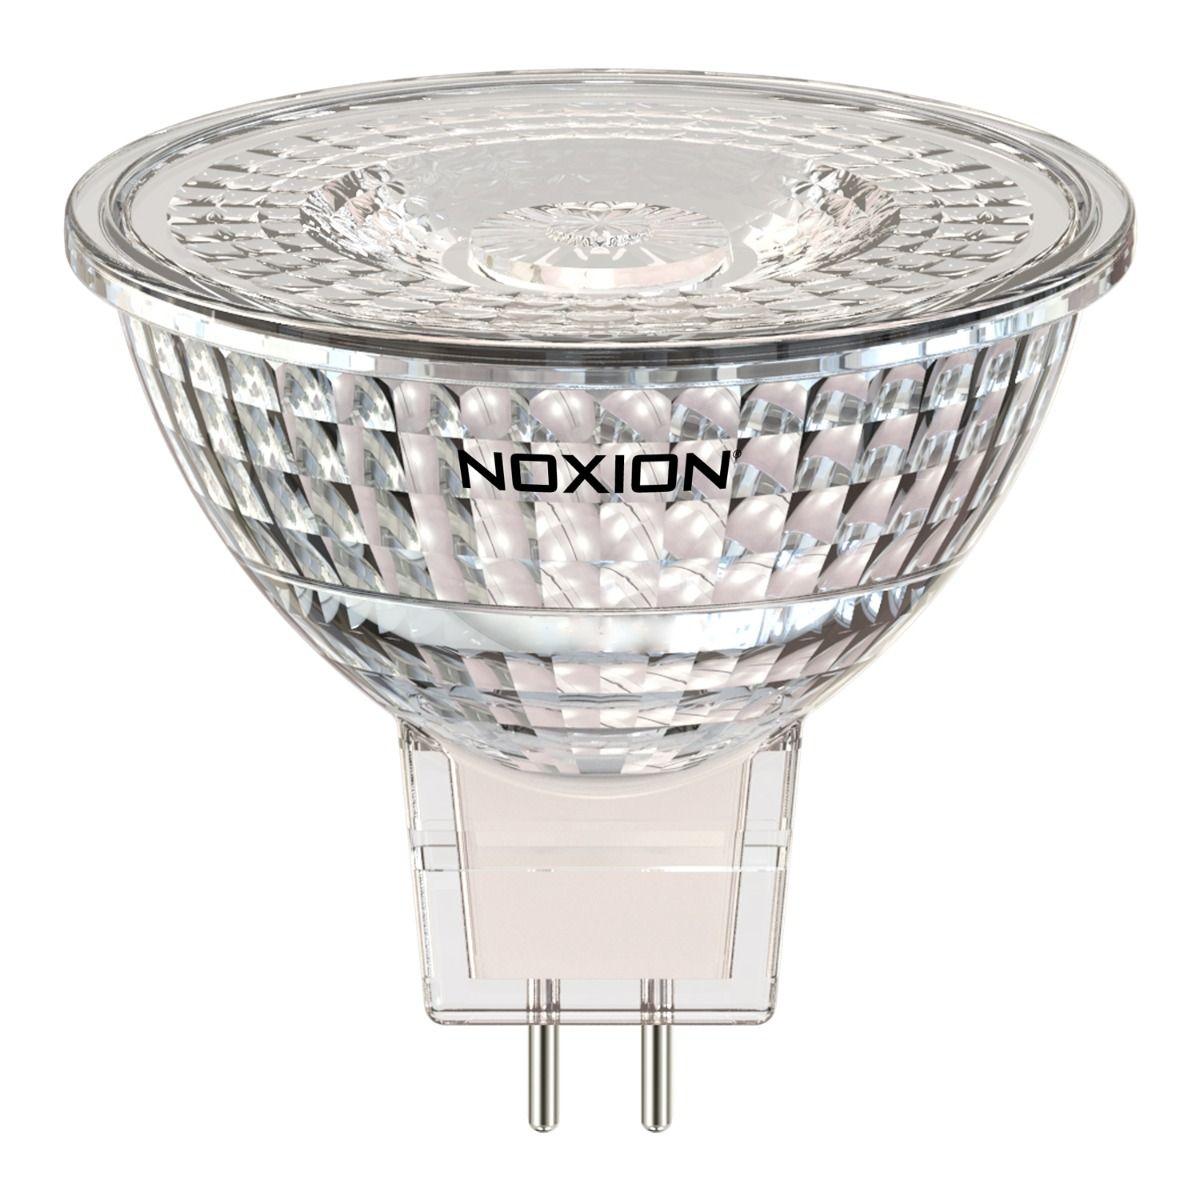 Noxion Spot LED GU5.3 4.5W 840 36D 410lm | Blanc Froid - Substitut 35W